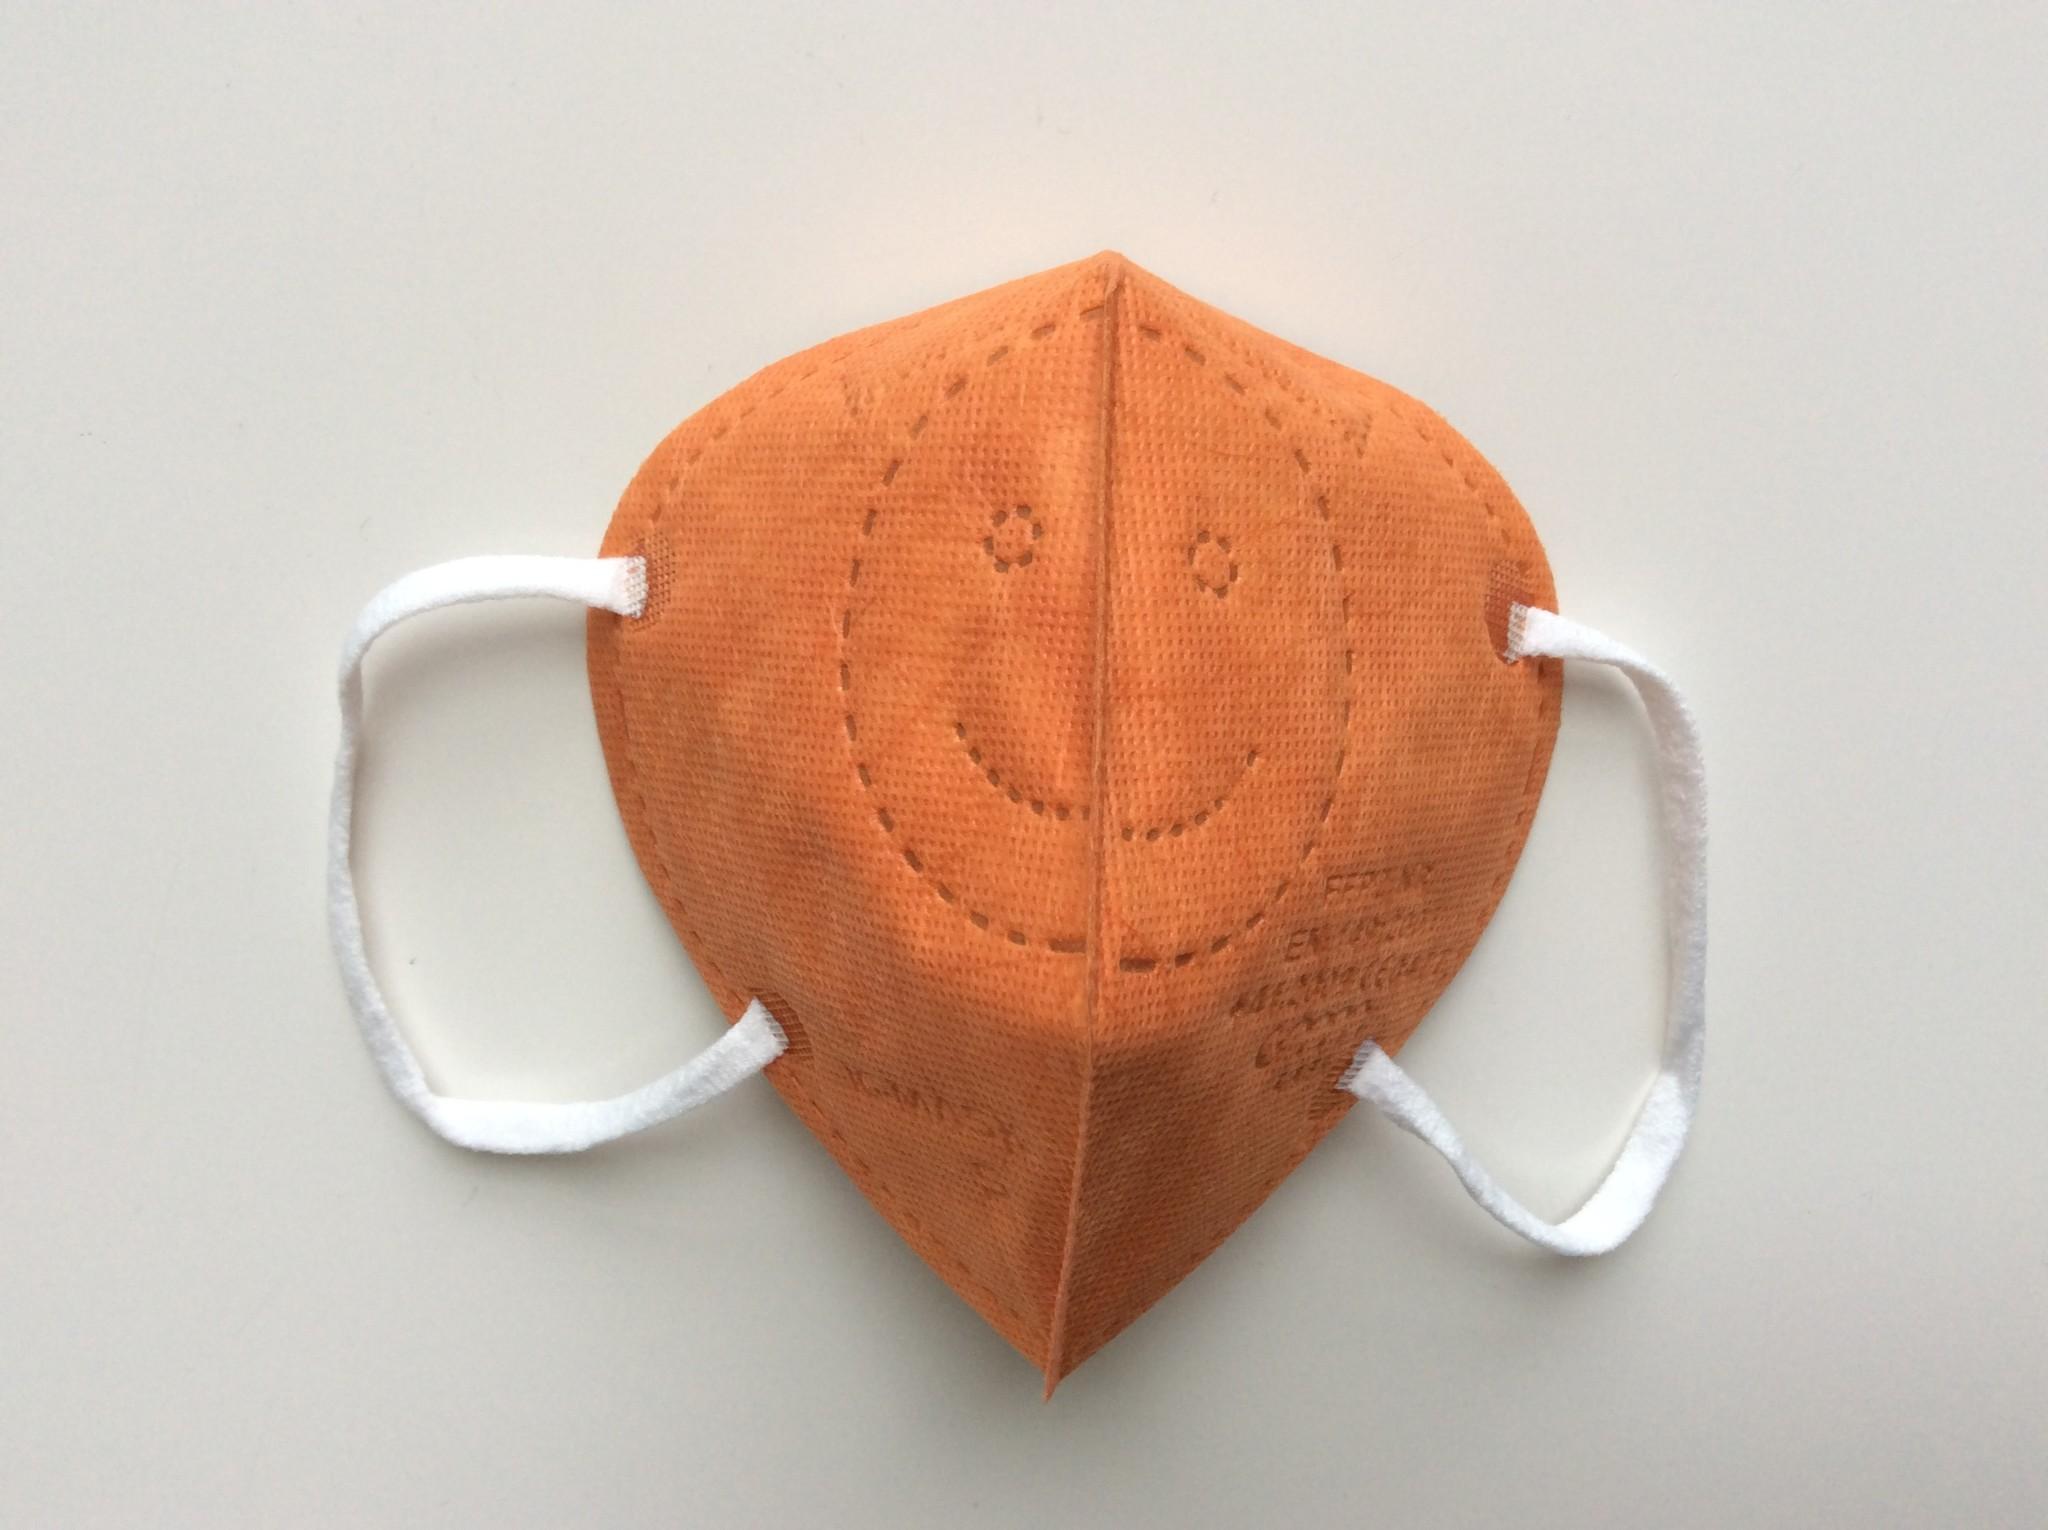 """IG-mask Masque IG """"FFP2"""" - Couleur Orange - 5 pièces (2,99 par pièce)"""